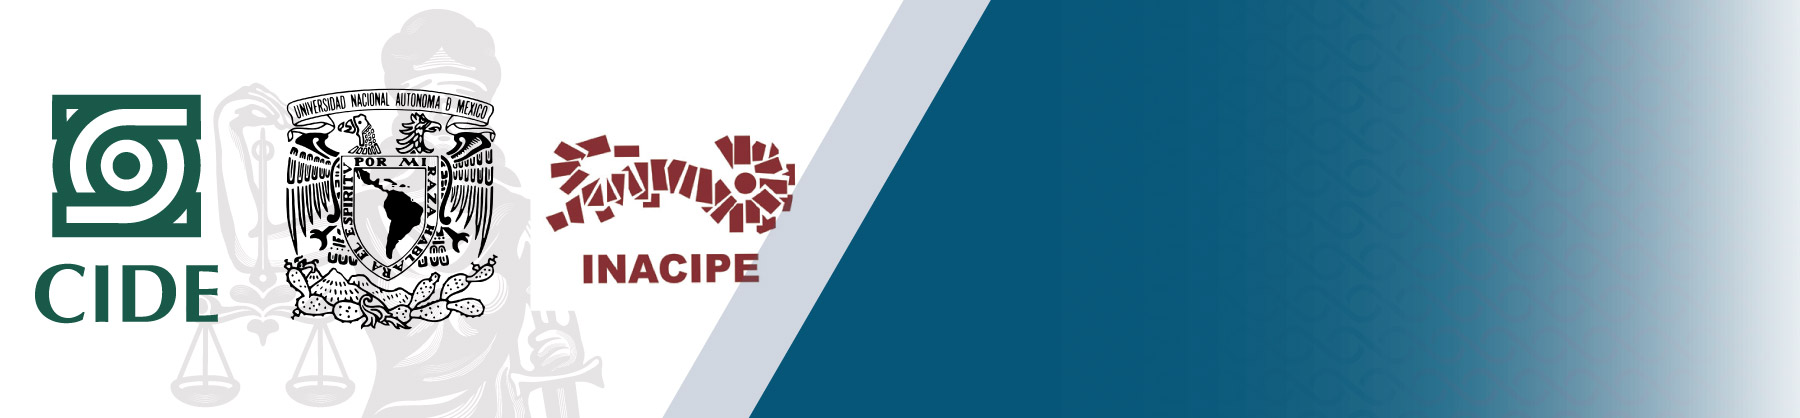 cide_UNAM_CIDE_e_INACIPE_inician_consultas